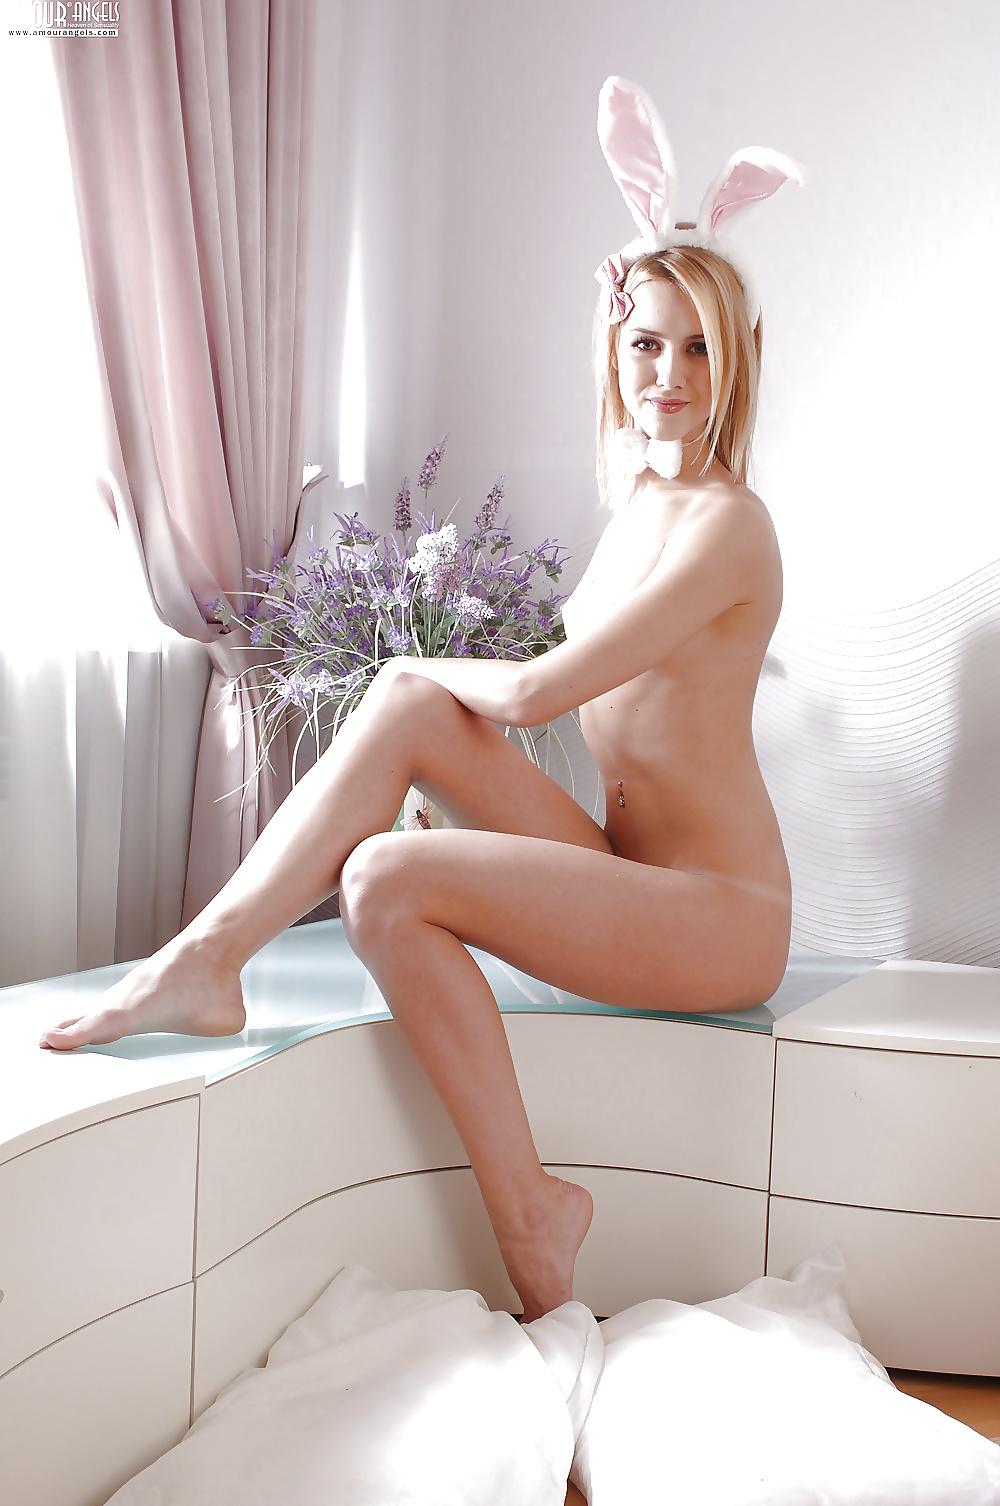 Schöne Teenager nacktfotos in Hasekostume sex frauen bilder kostenlos - Bild 10